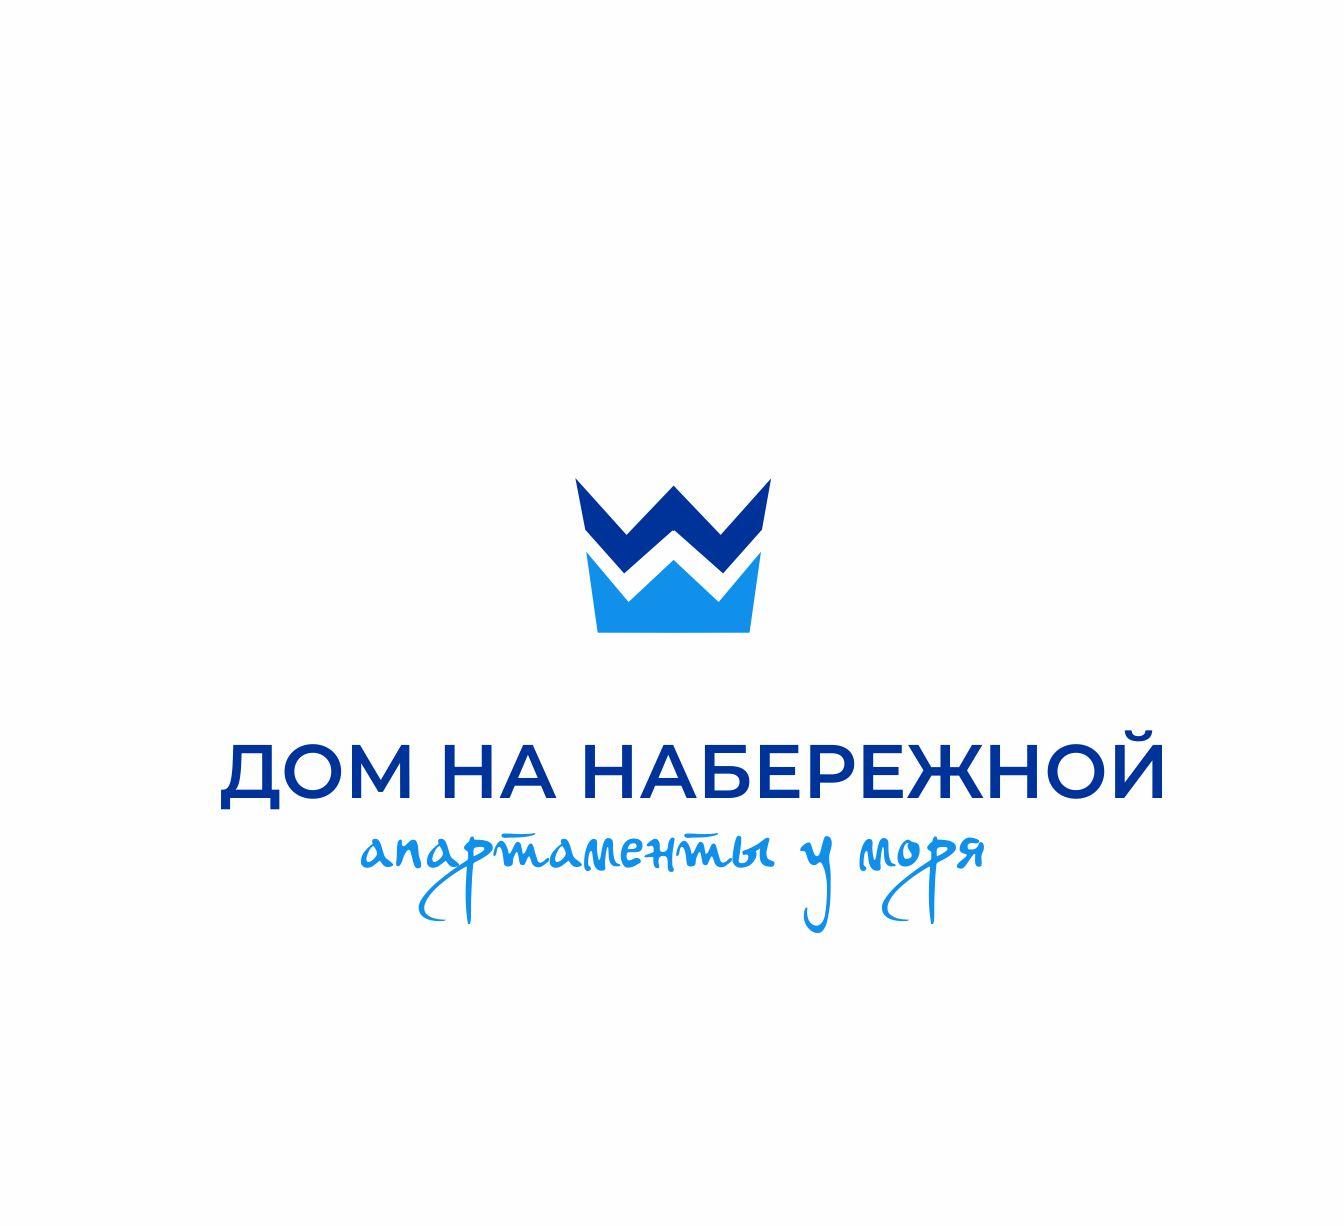 РАЗРАБОТКА логотипа для ЖИЛОГО КОМПЛЕКСА премиум В АНАПЕ.  фото f_3015de88e19c7171.jpg